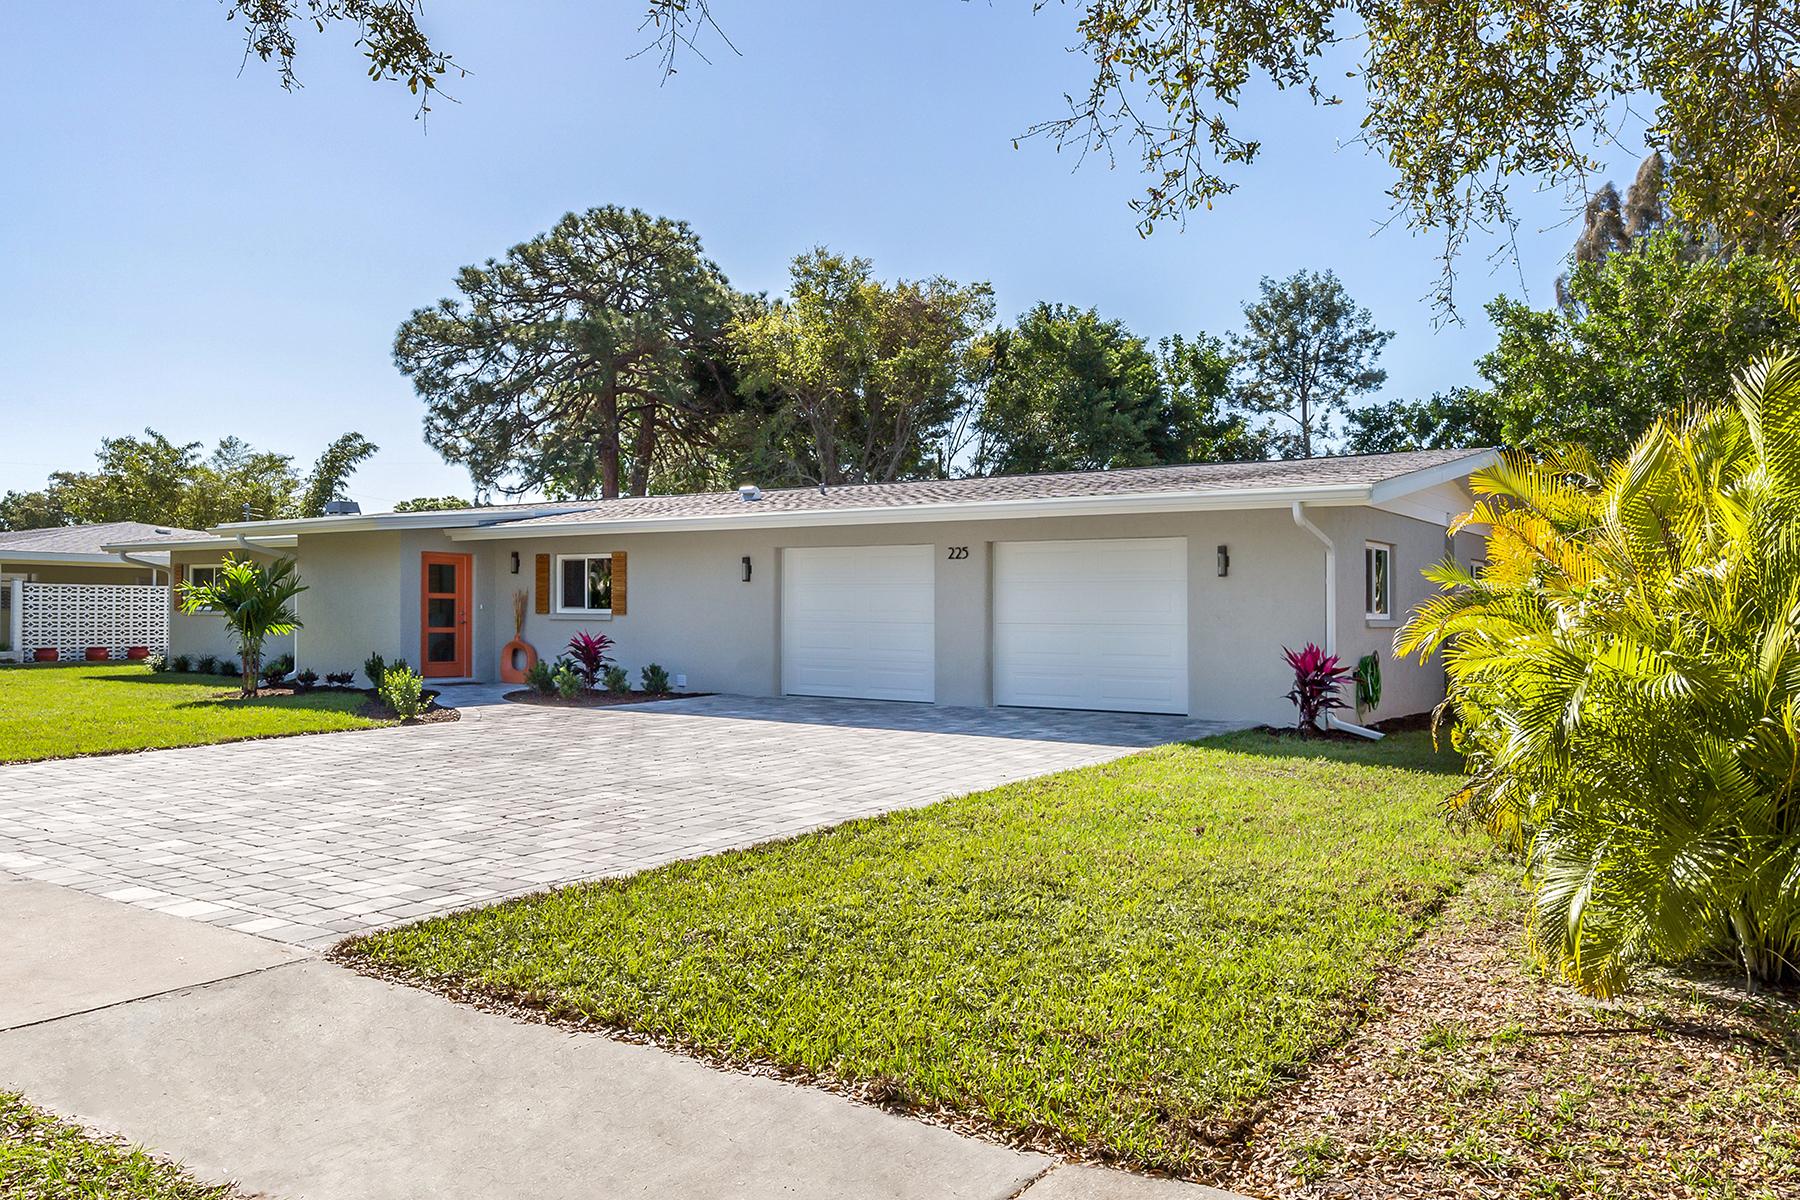 Single Family Homes für Verkauf beim VENICE ISLAND 225 San Marco Dr, Venedig, Florida 34285 Vereinigte Staaten